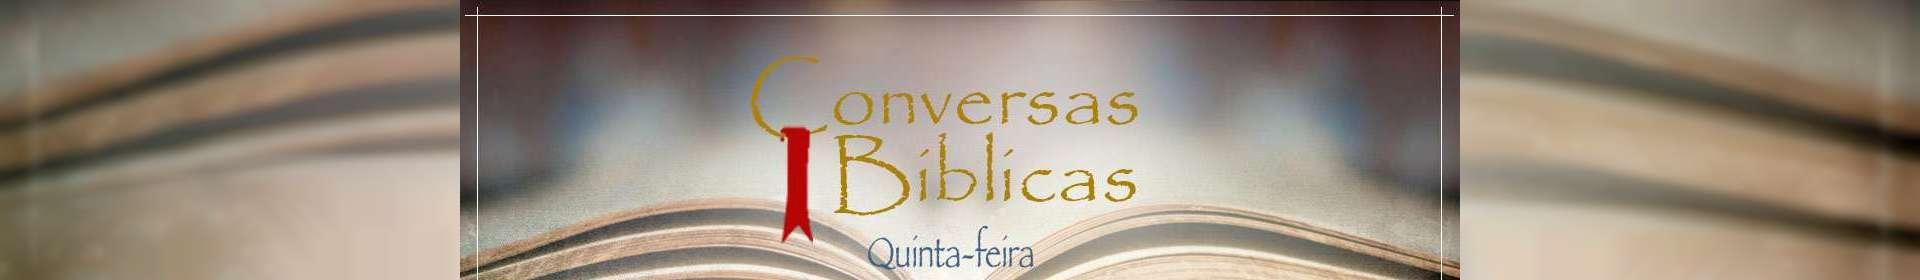 Conversas Bíblicas: Consulta à Palavra - Parte 1